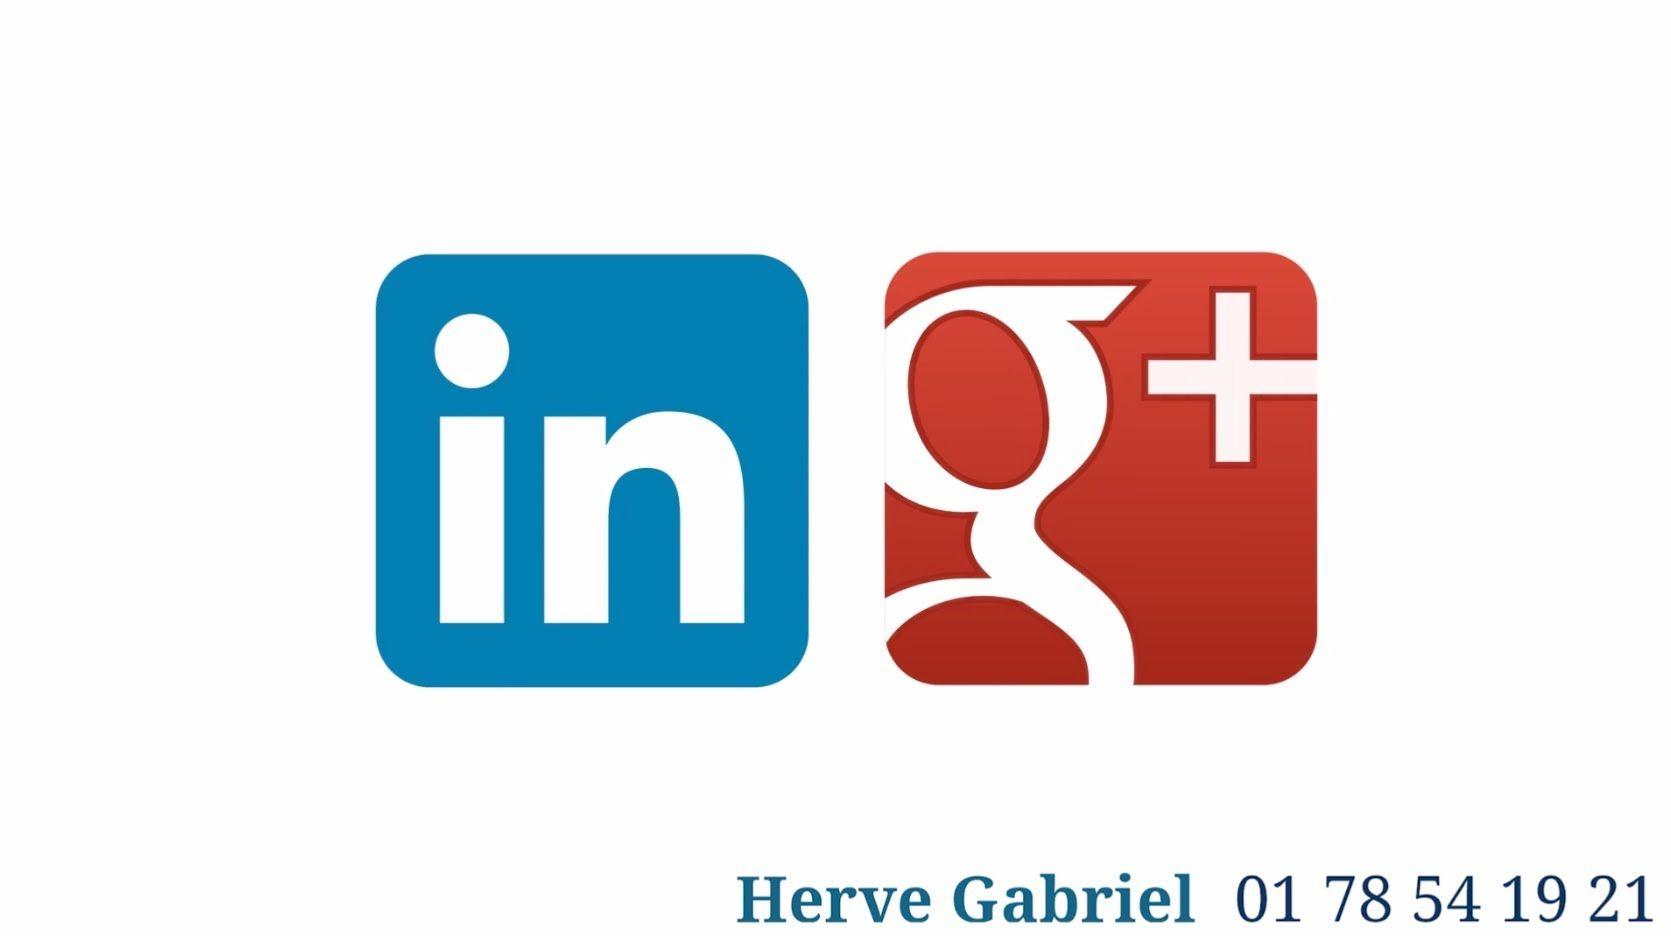 réseaux sociaux : 5 recommandations à l'usage des professionnels